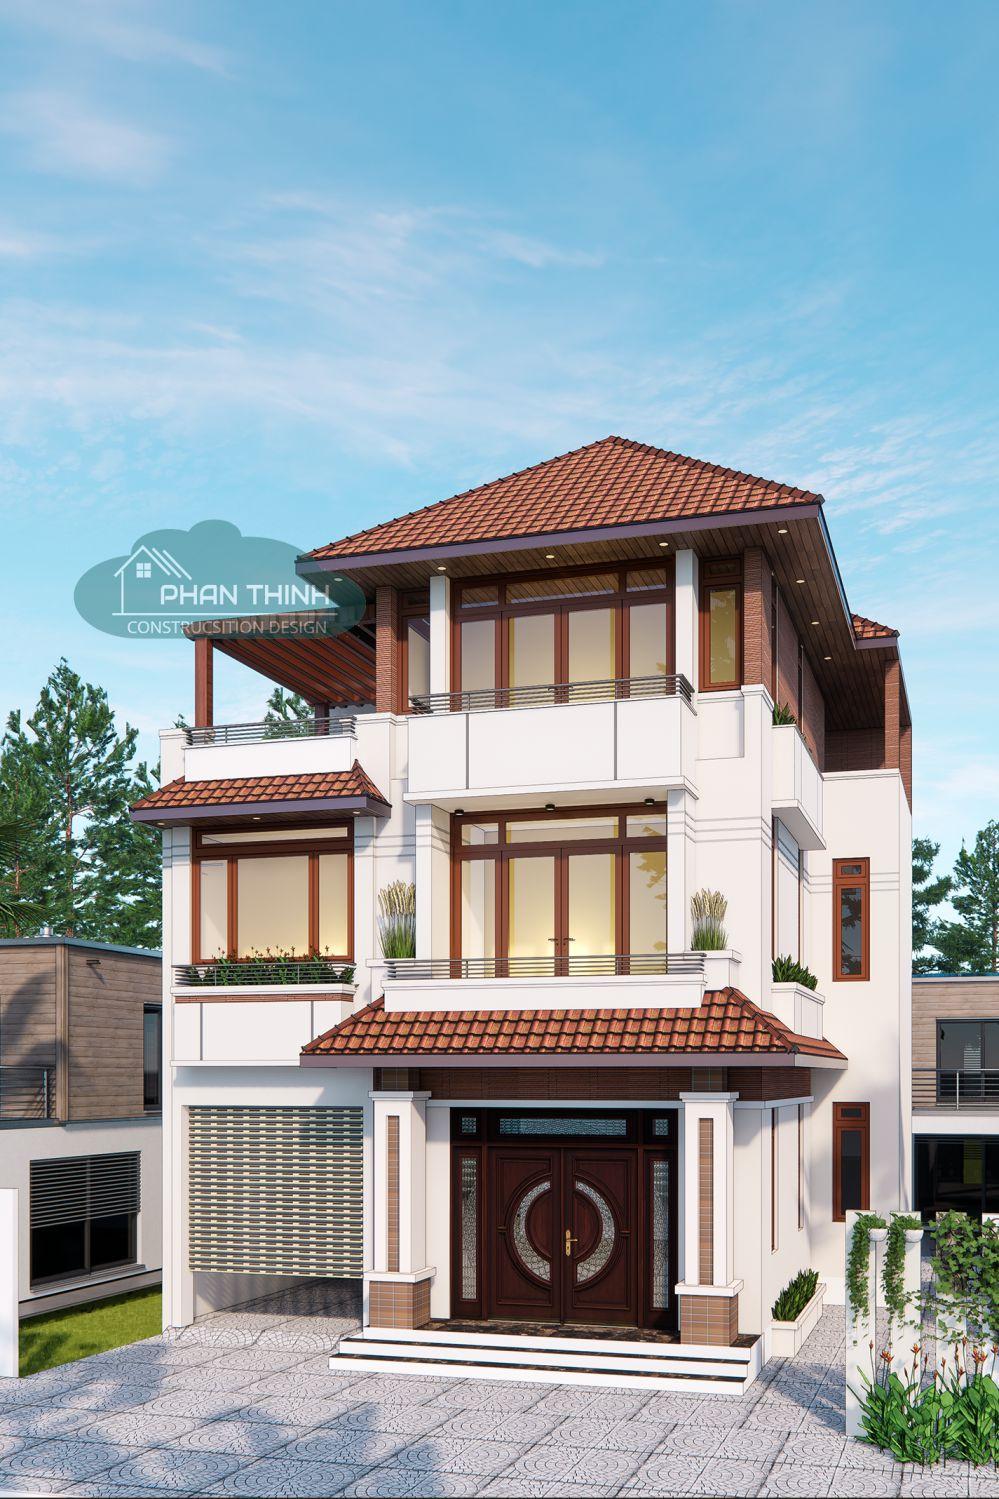 Phương án phối cảnh nhà 3 tầng biệt thự mái thái đẹp ở Quảng Ninh